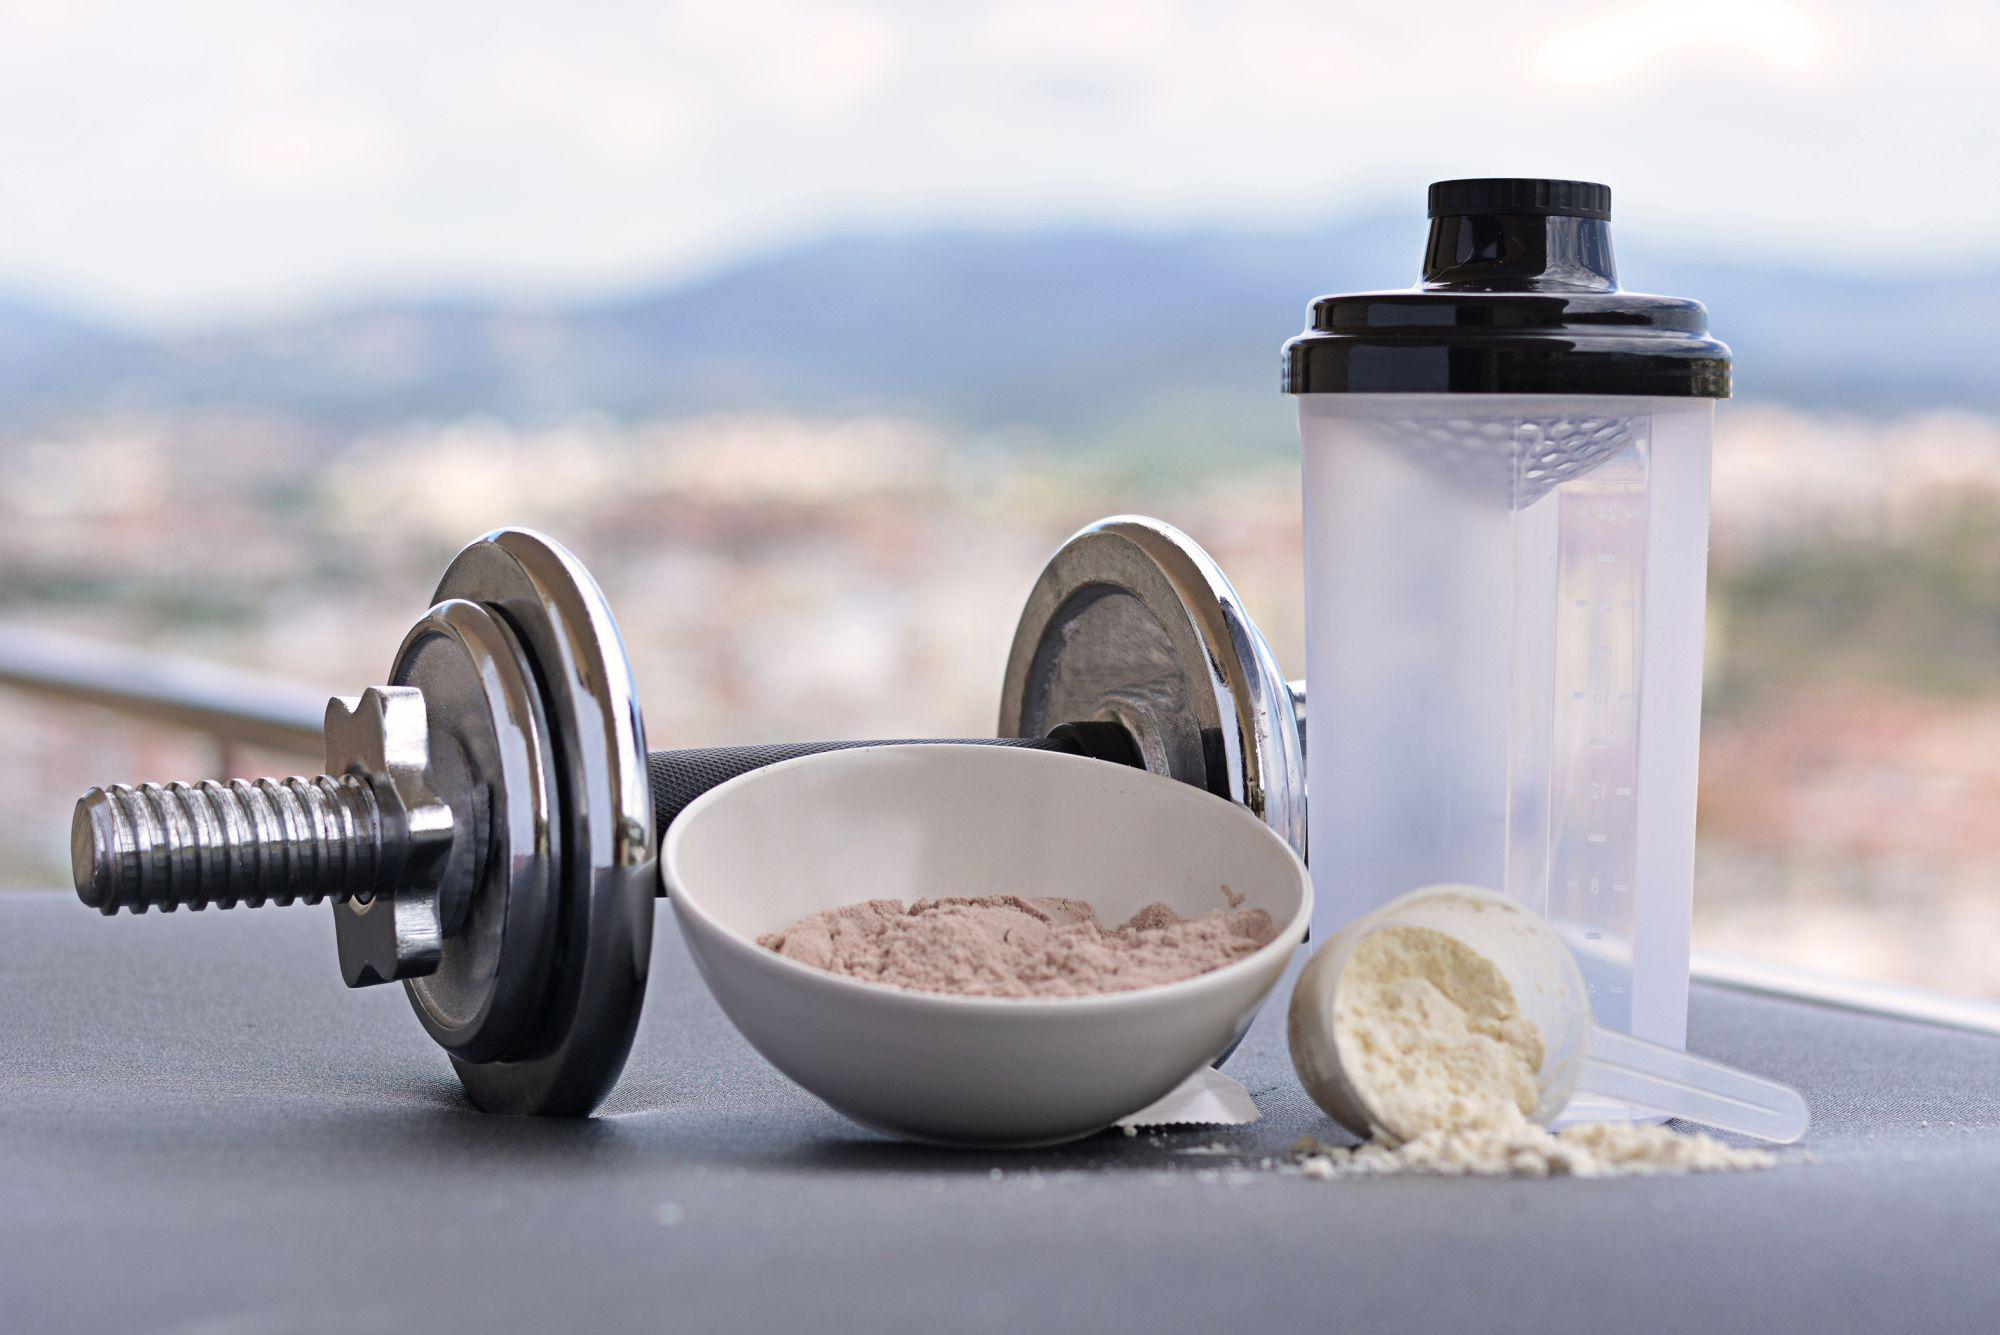 A fehérjepor főleg sporttáplálkozásban kap nagy szerepet